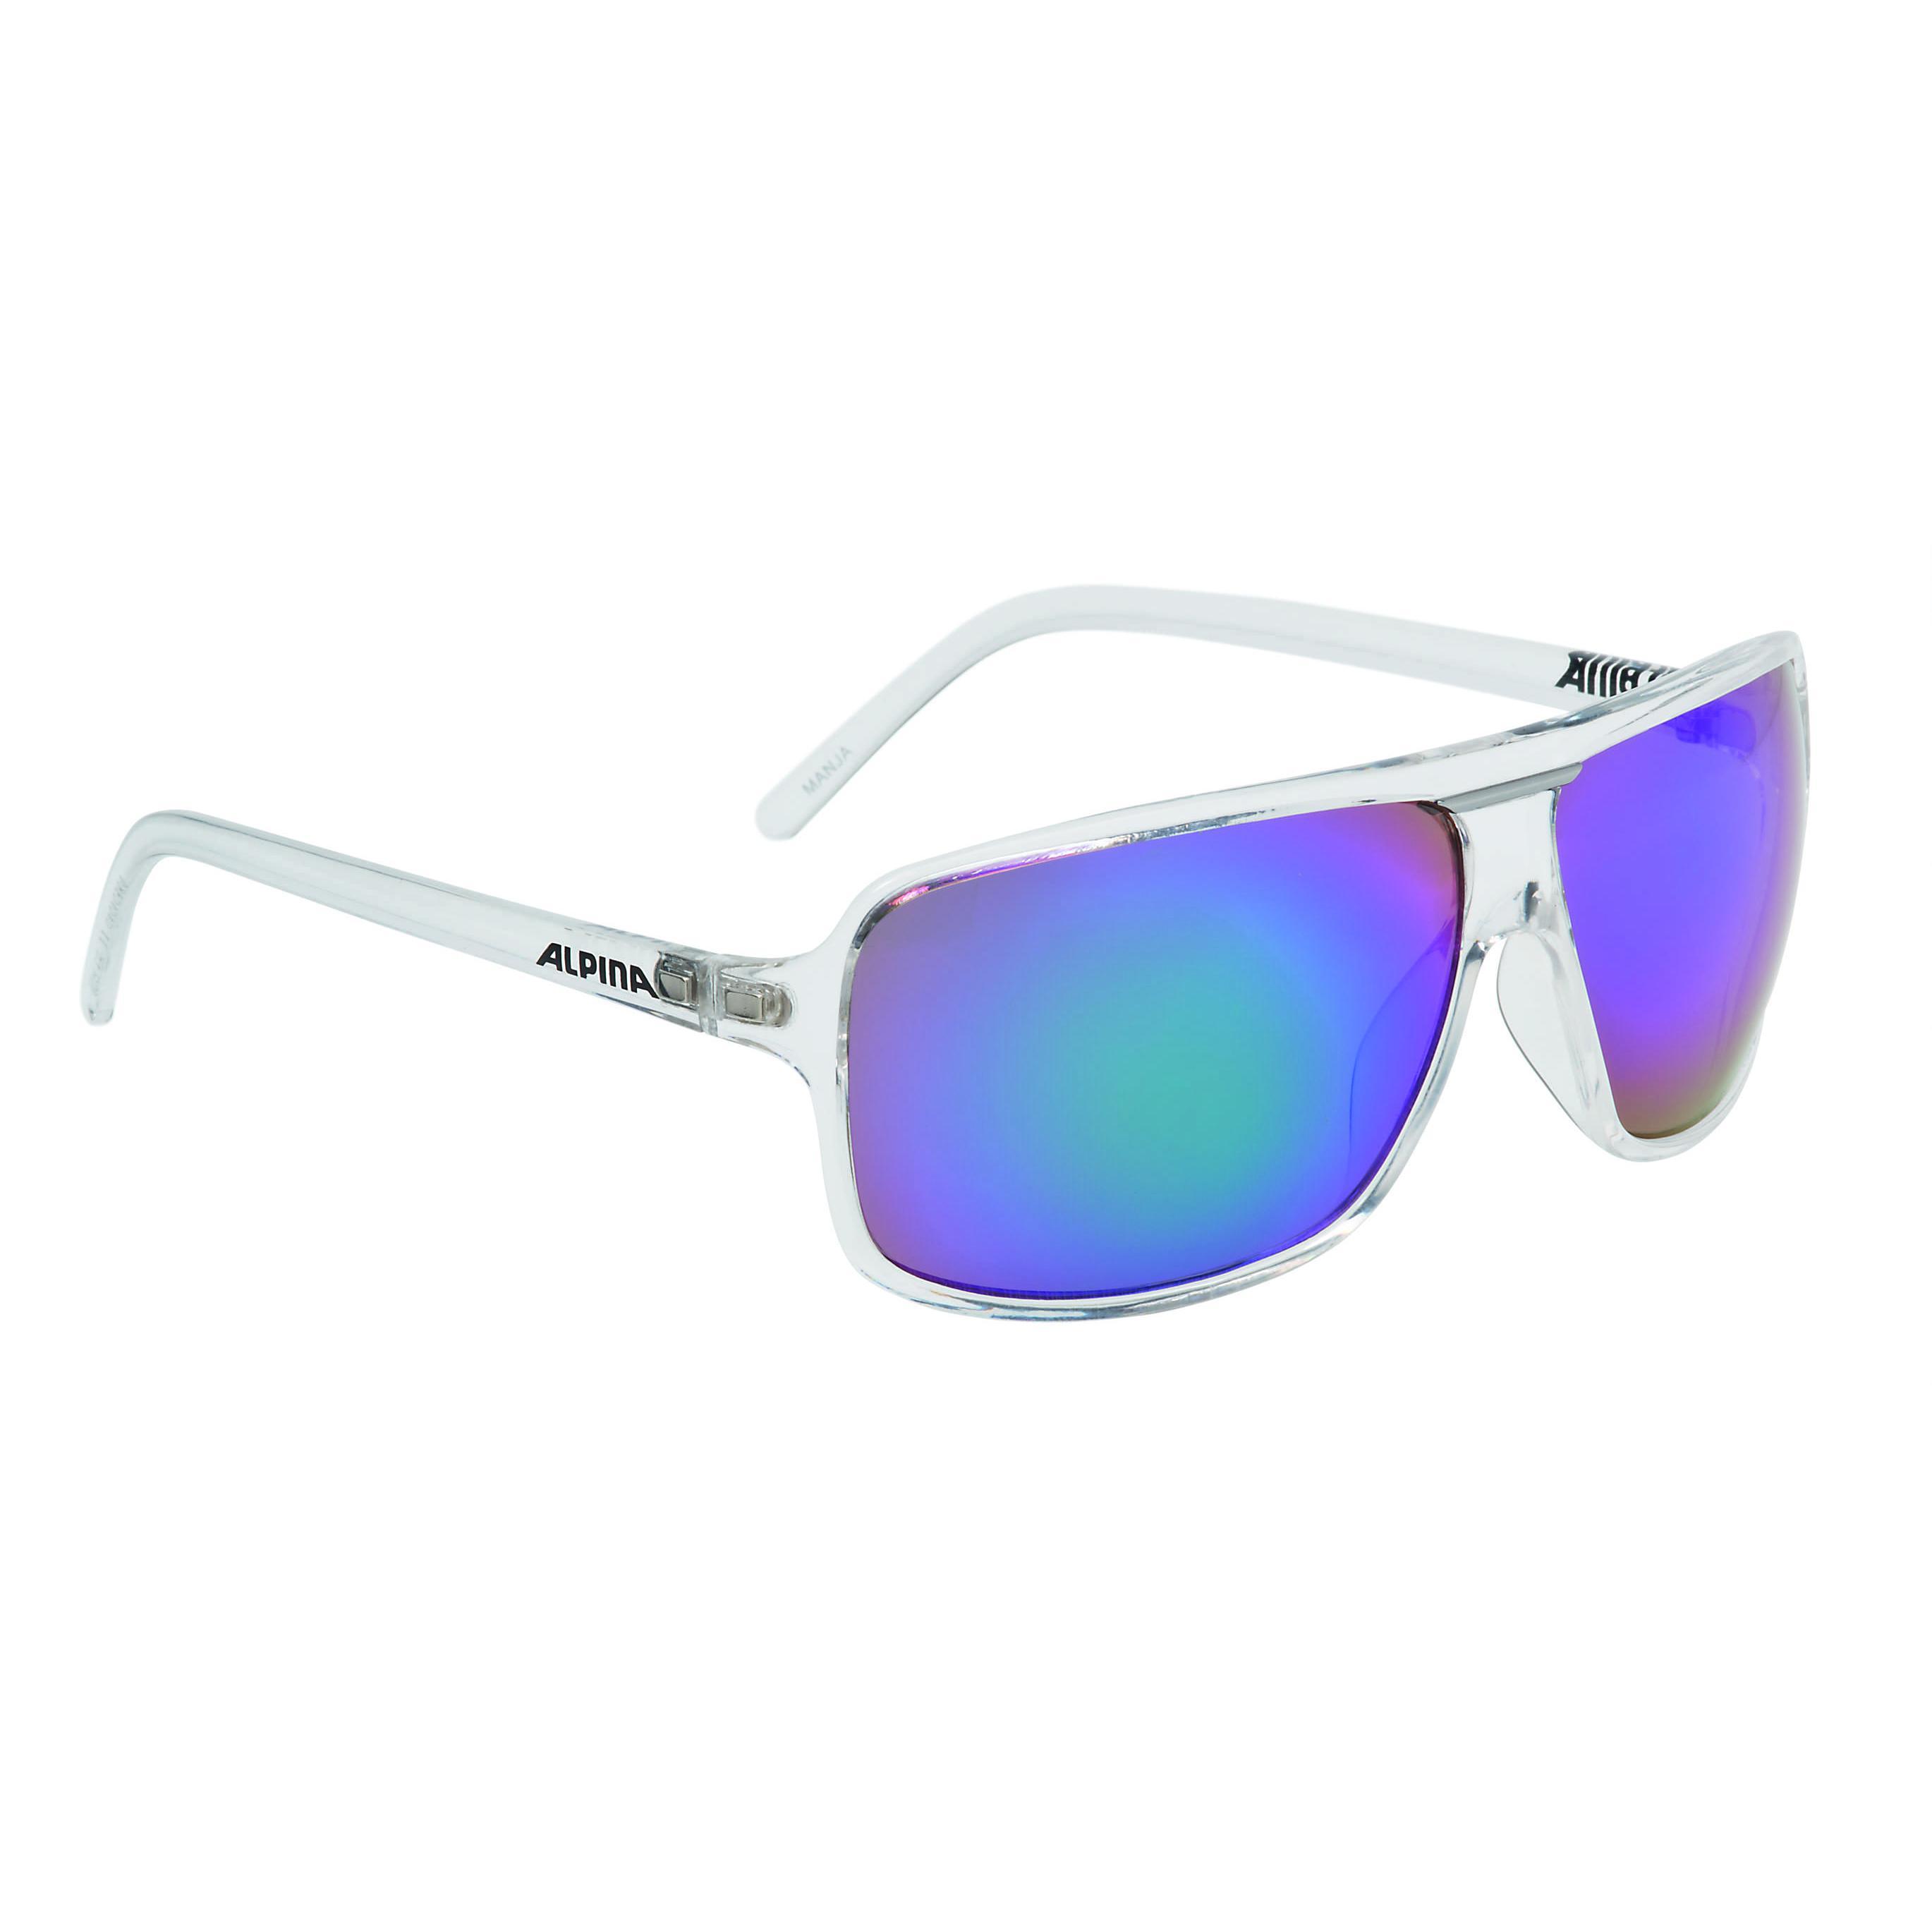 Купить Очки солнцезащитные Alpina SPORT STYLE MANJA transparent, солнцезащитные, 1180613